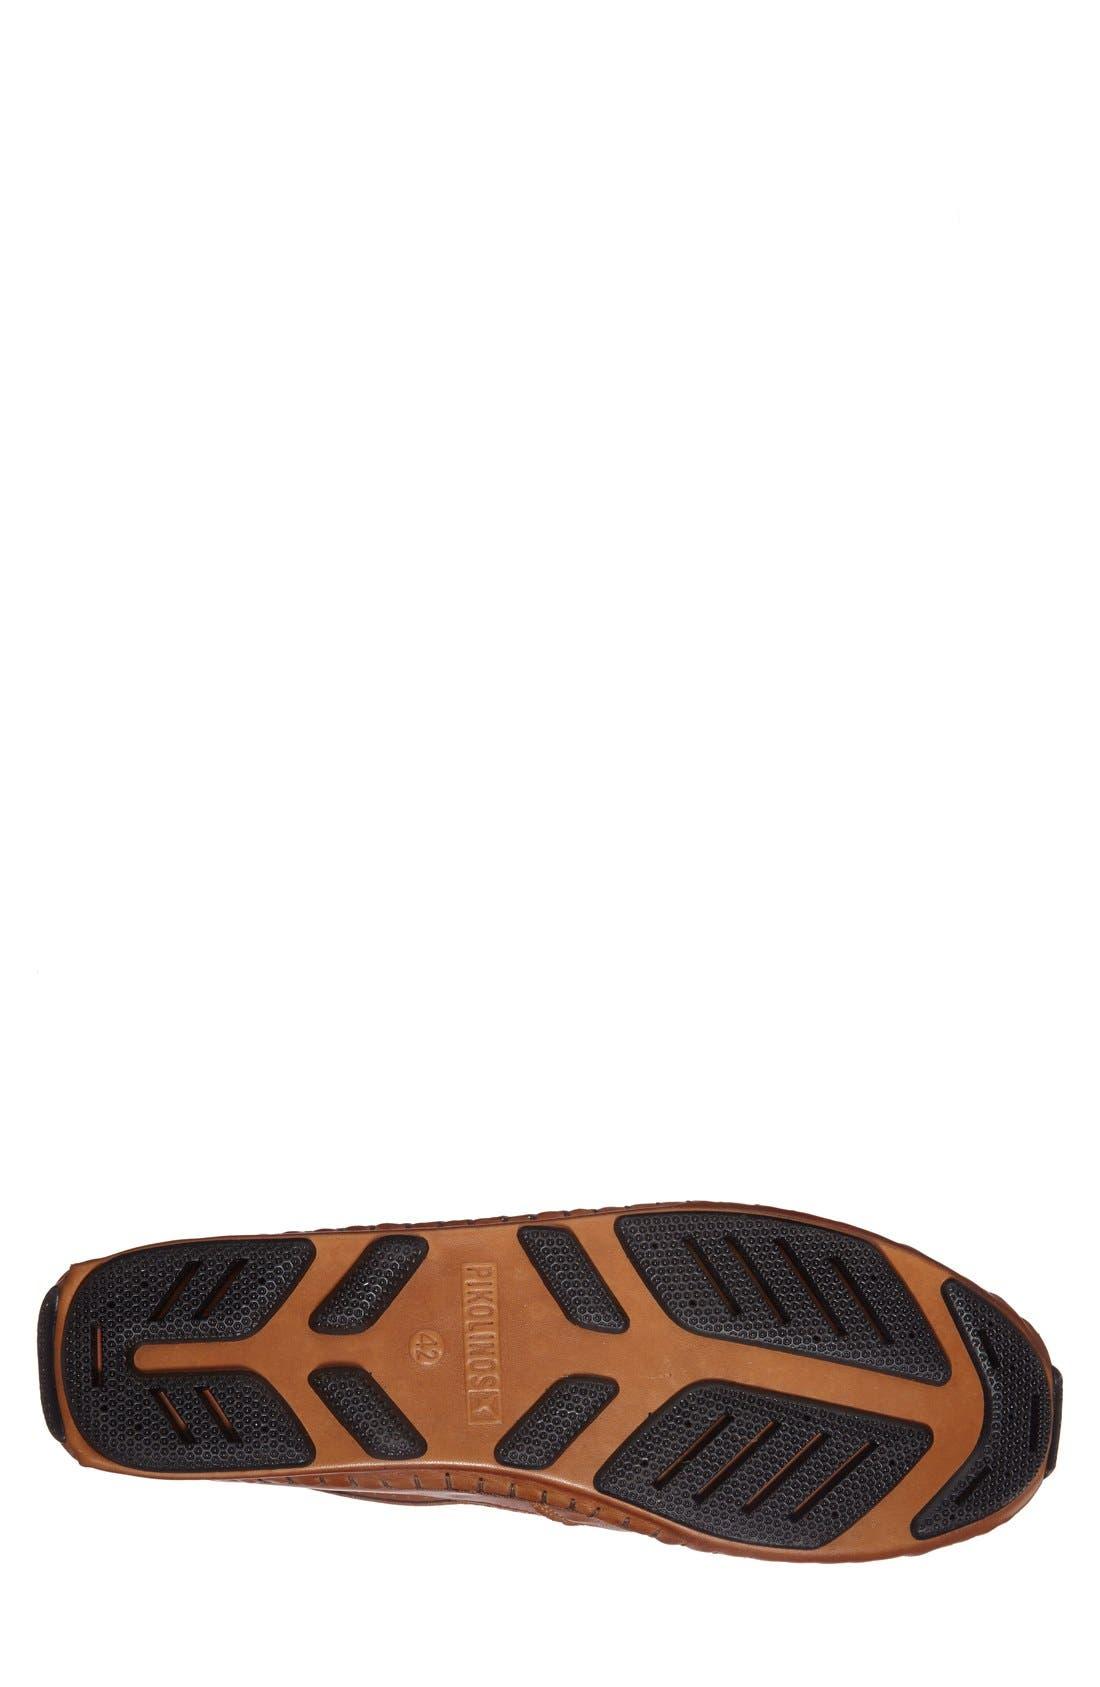 'Jerez' Driving Shoe,                             Alternate thumbnail 4, color,                             220